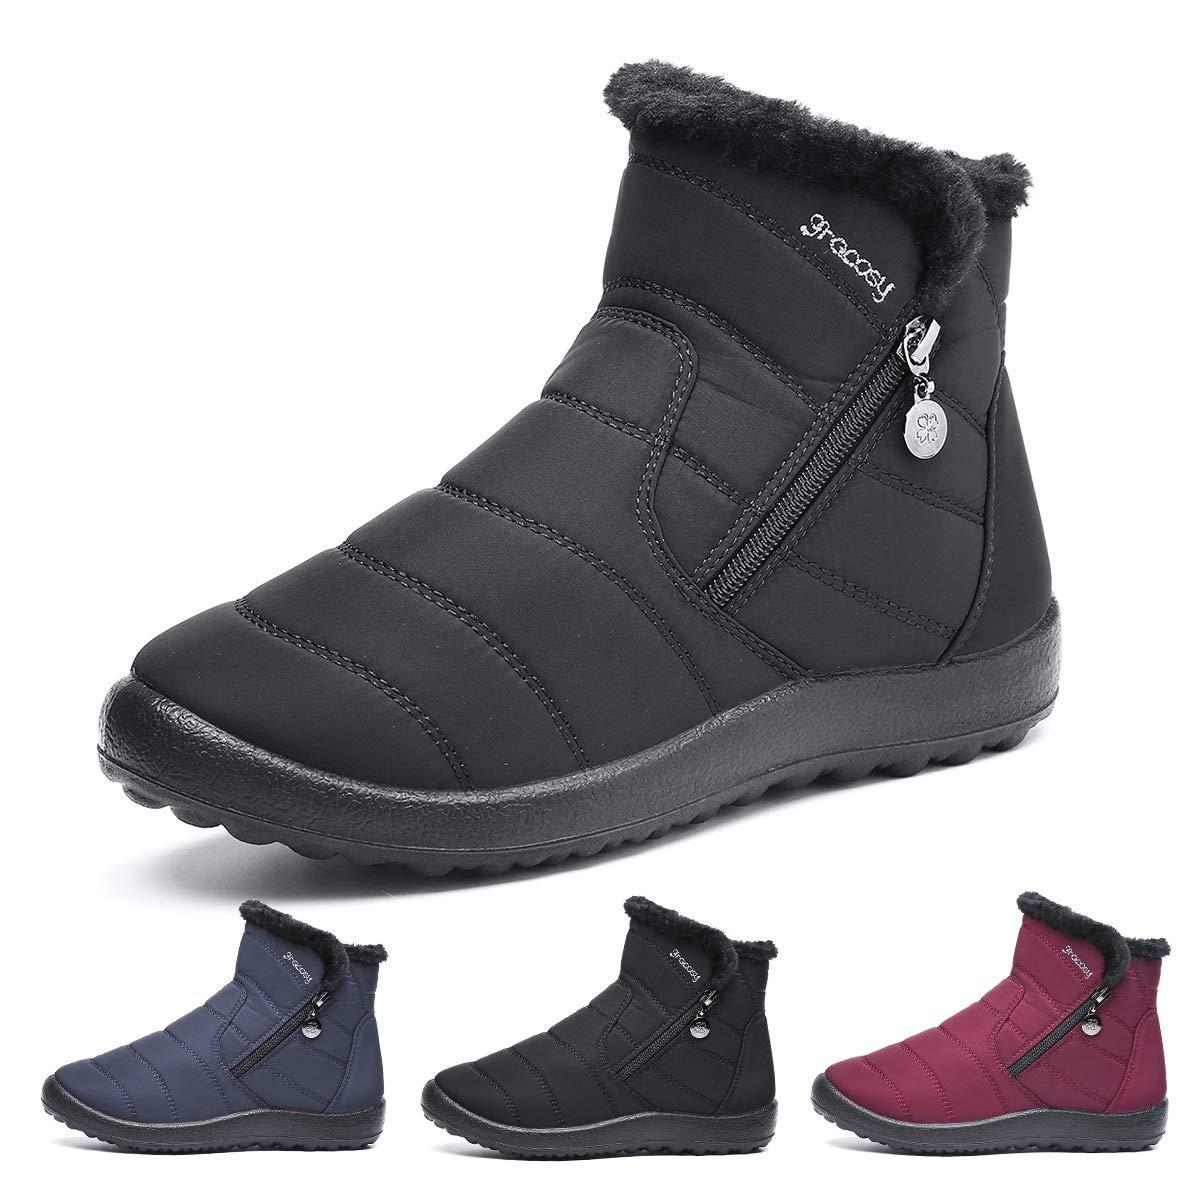 dbe30adfba42b Gracosy Bottes de Neige Femmes Filles, Chaussures Ville Hiver Bottines de  Pluie Imperméable avec Fourrure